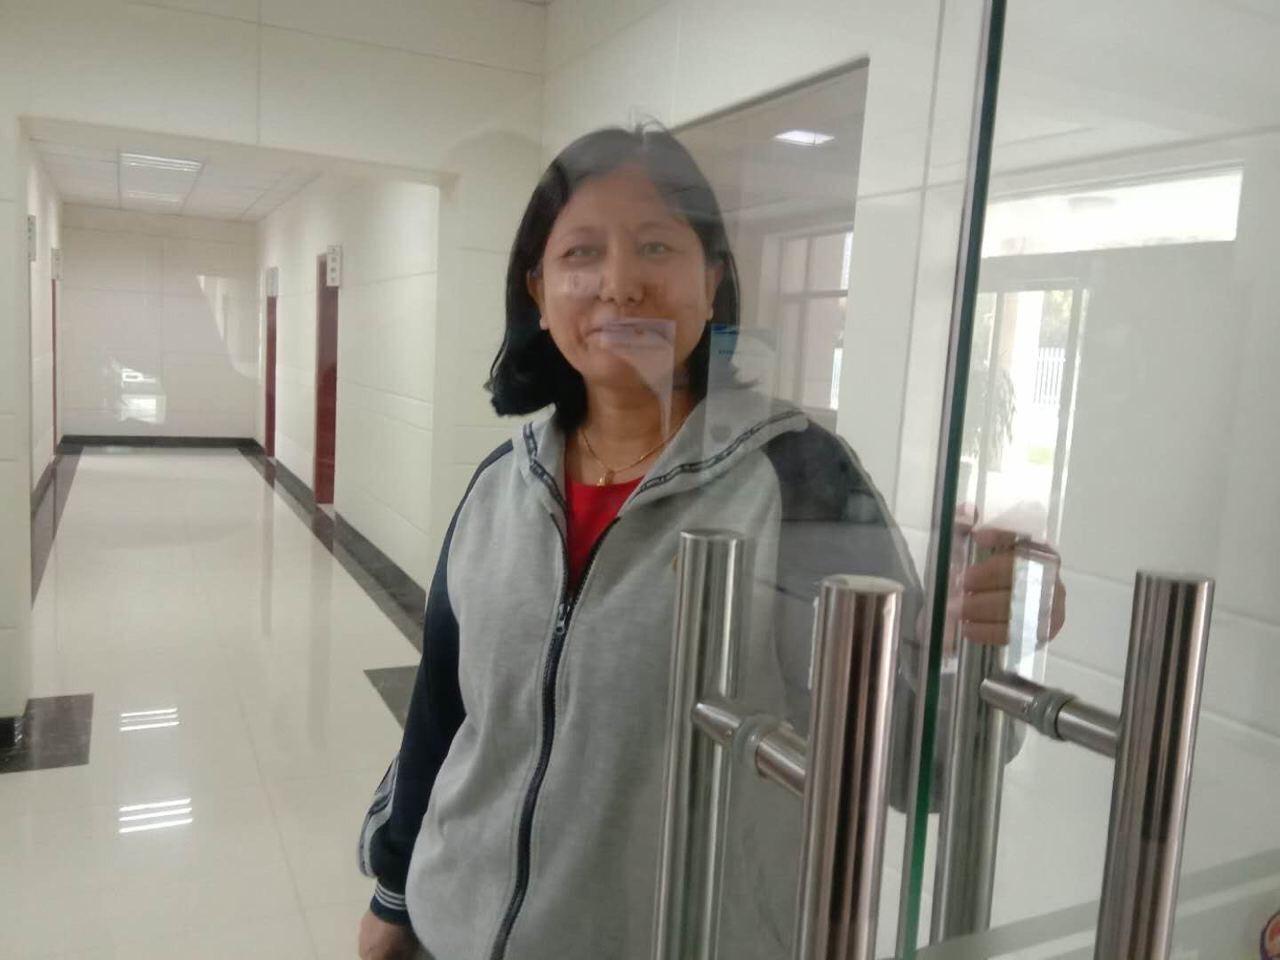 2020年10月7日,維權律師韓慶芳因舉報邢台官員被報復行拘10日。(受訪者提供)